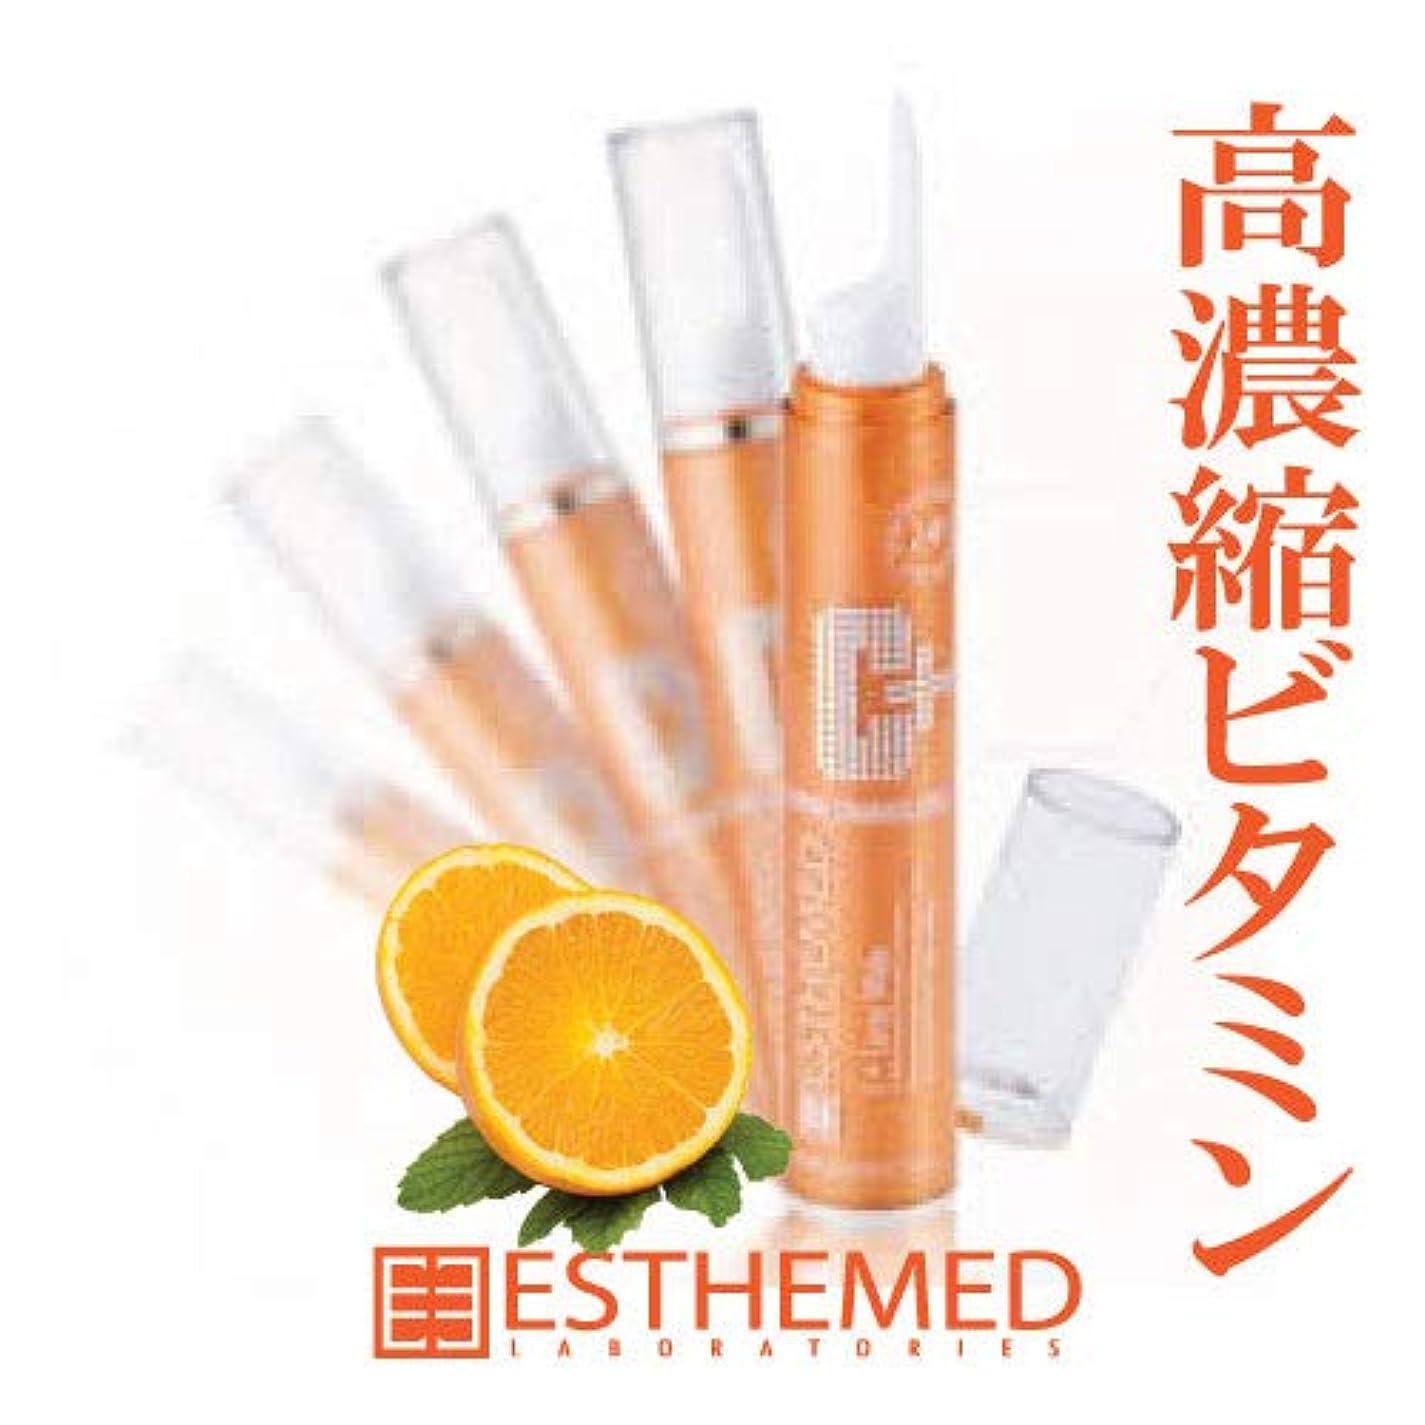 隣接羽指標[ESTHEMED][エステメド]純粋なビタミンCの驚くホワイトニングC+レーザーホワイト15ml/ビタミン、Whitening、レーザ